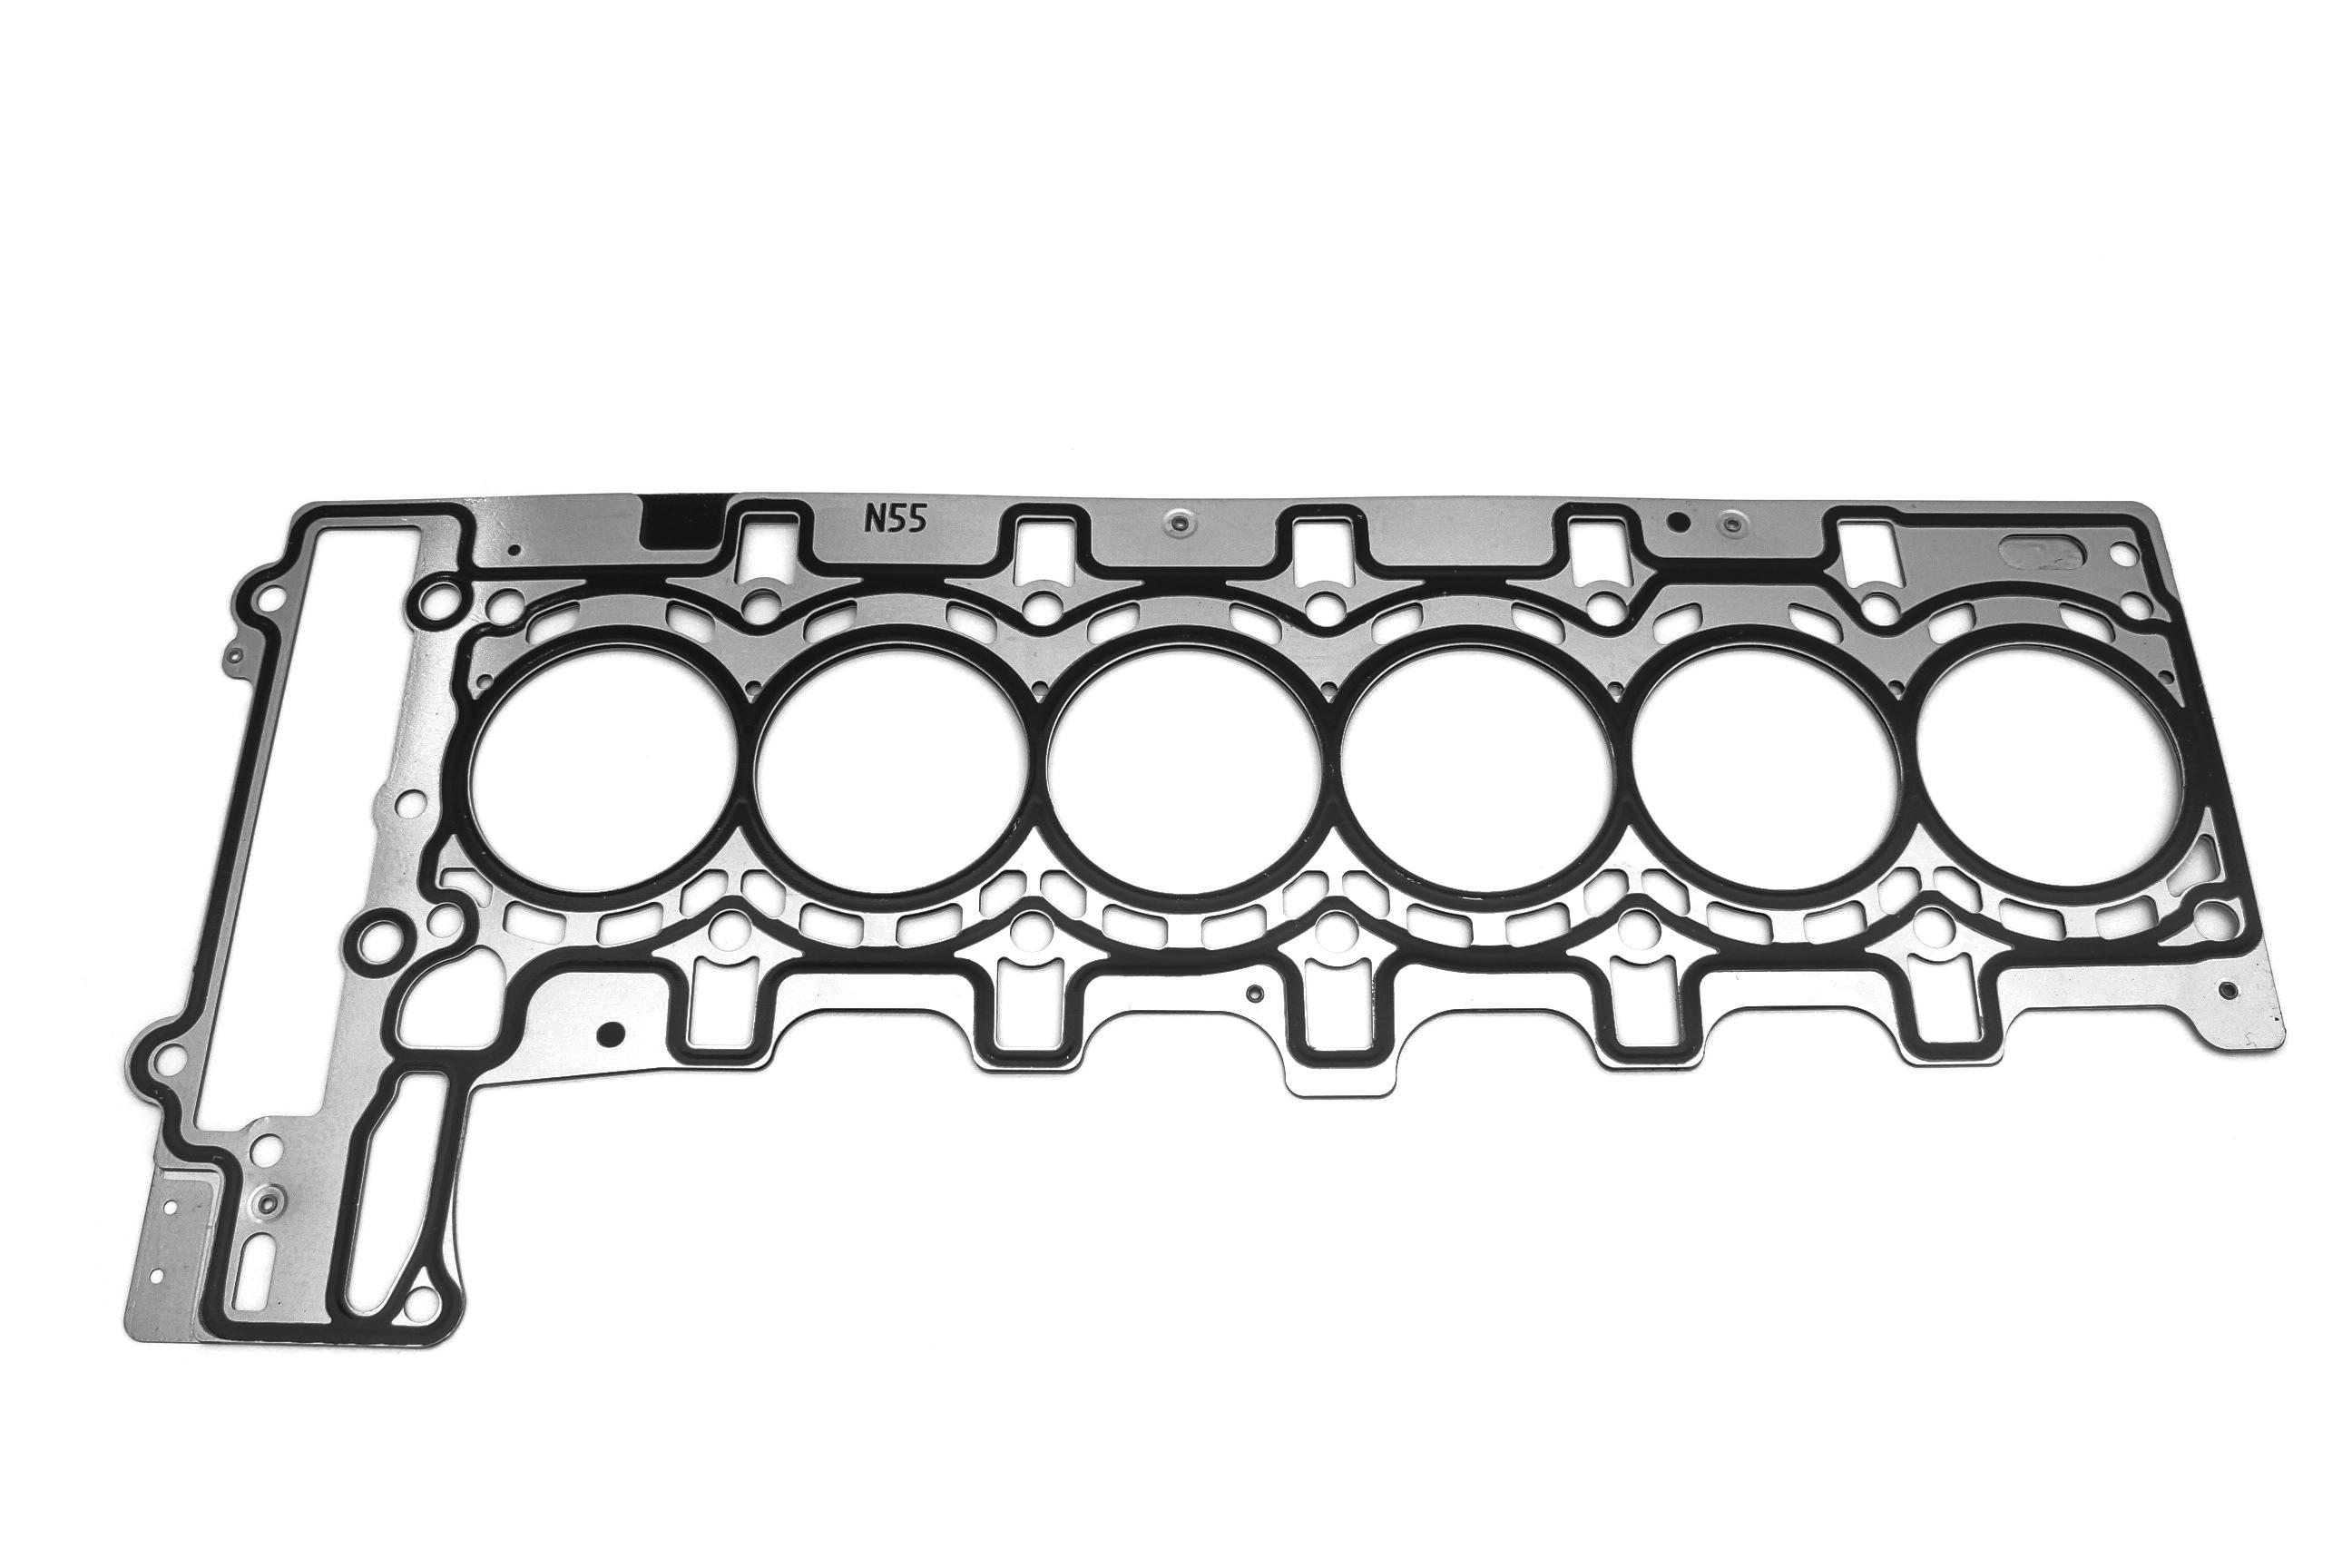 Zylinderkopfdichtung BMW 1er F20 F21 M 135 i 3,0 N55 N55B30A 11127599212 NEU